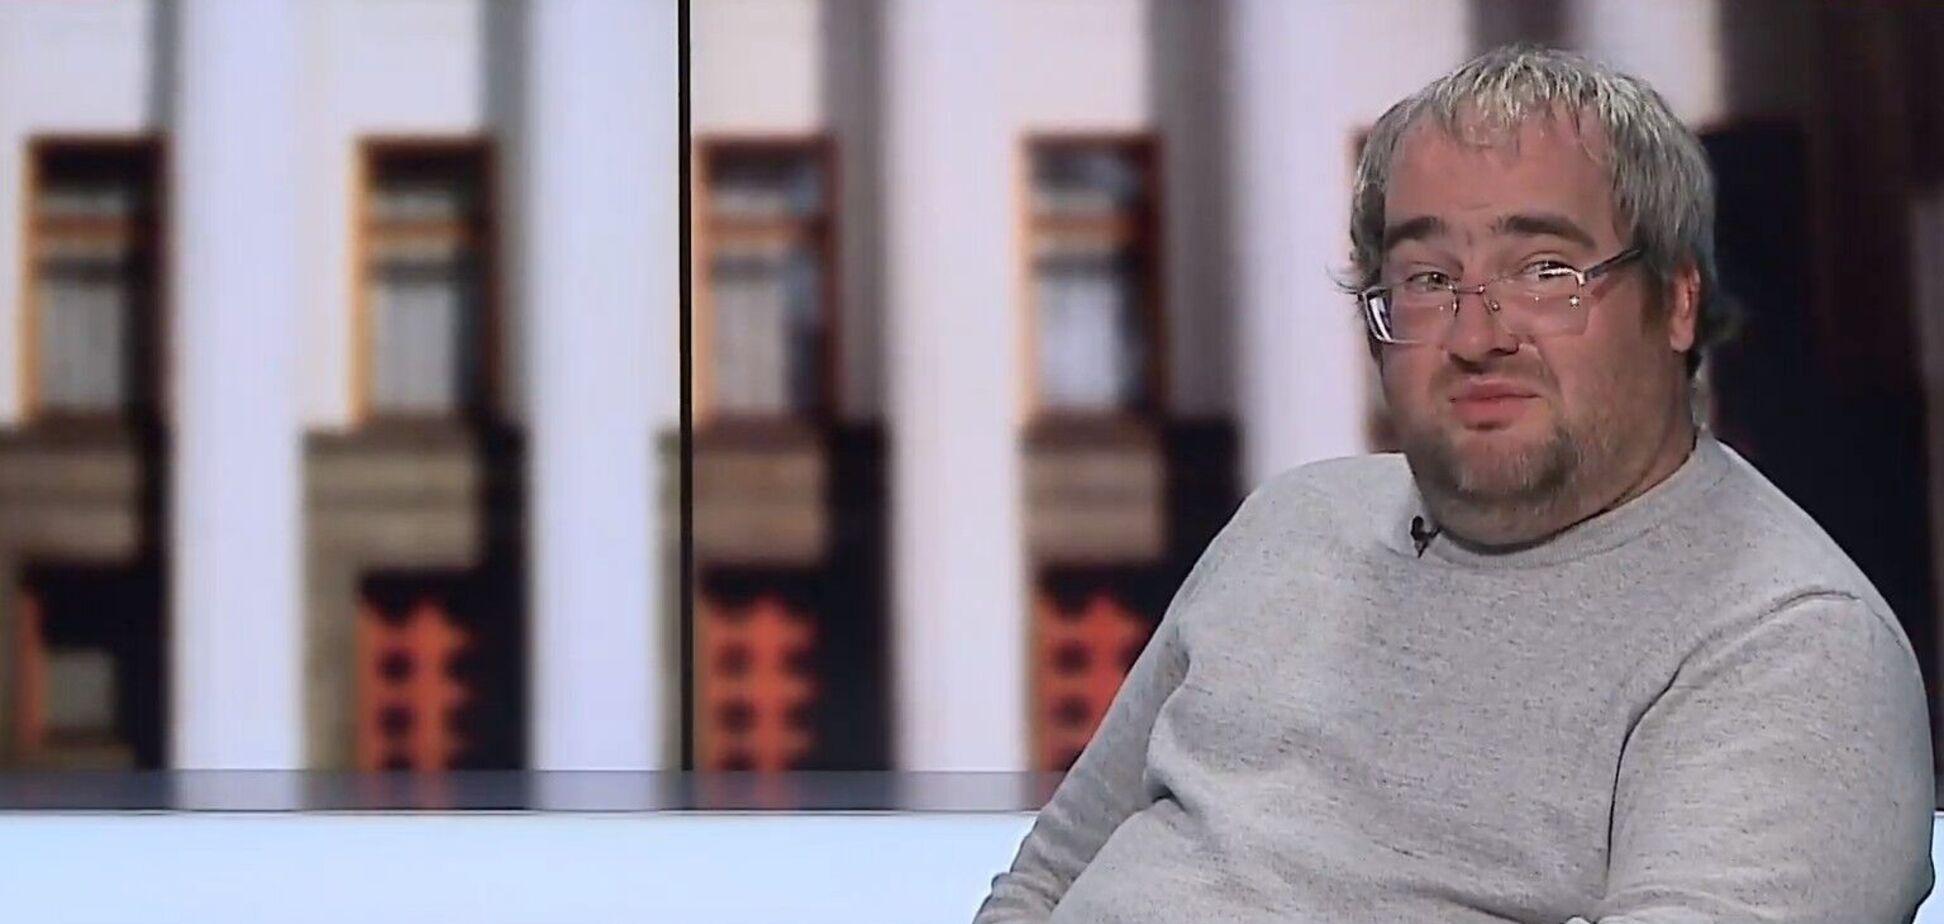 Носитель идей гиперлупа, – эксперт прокомментировал предложения министра Абрамовского по закупке автобусов Киевом